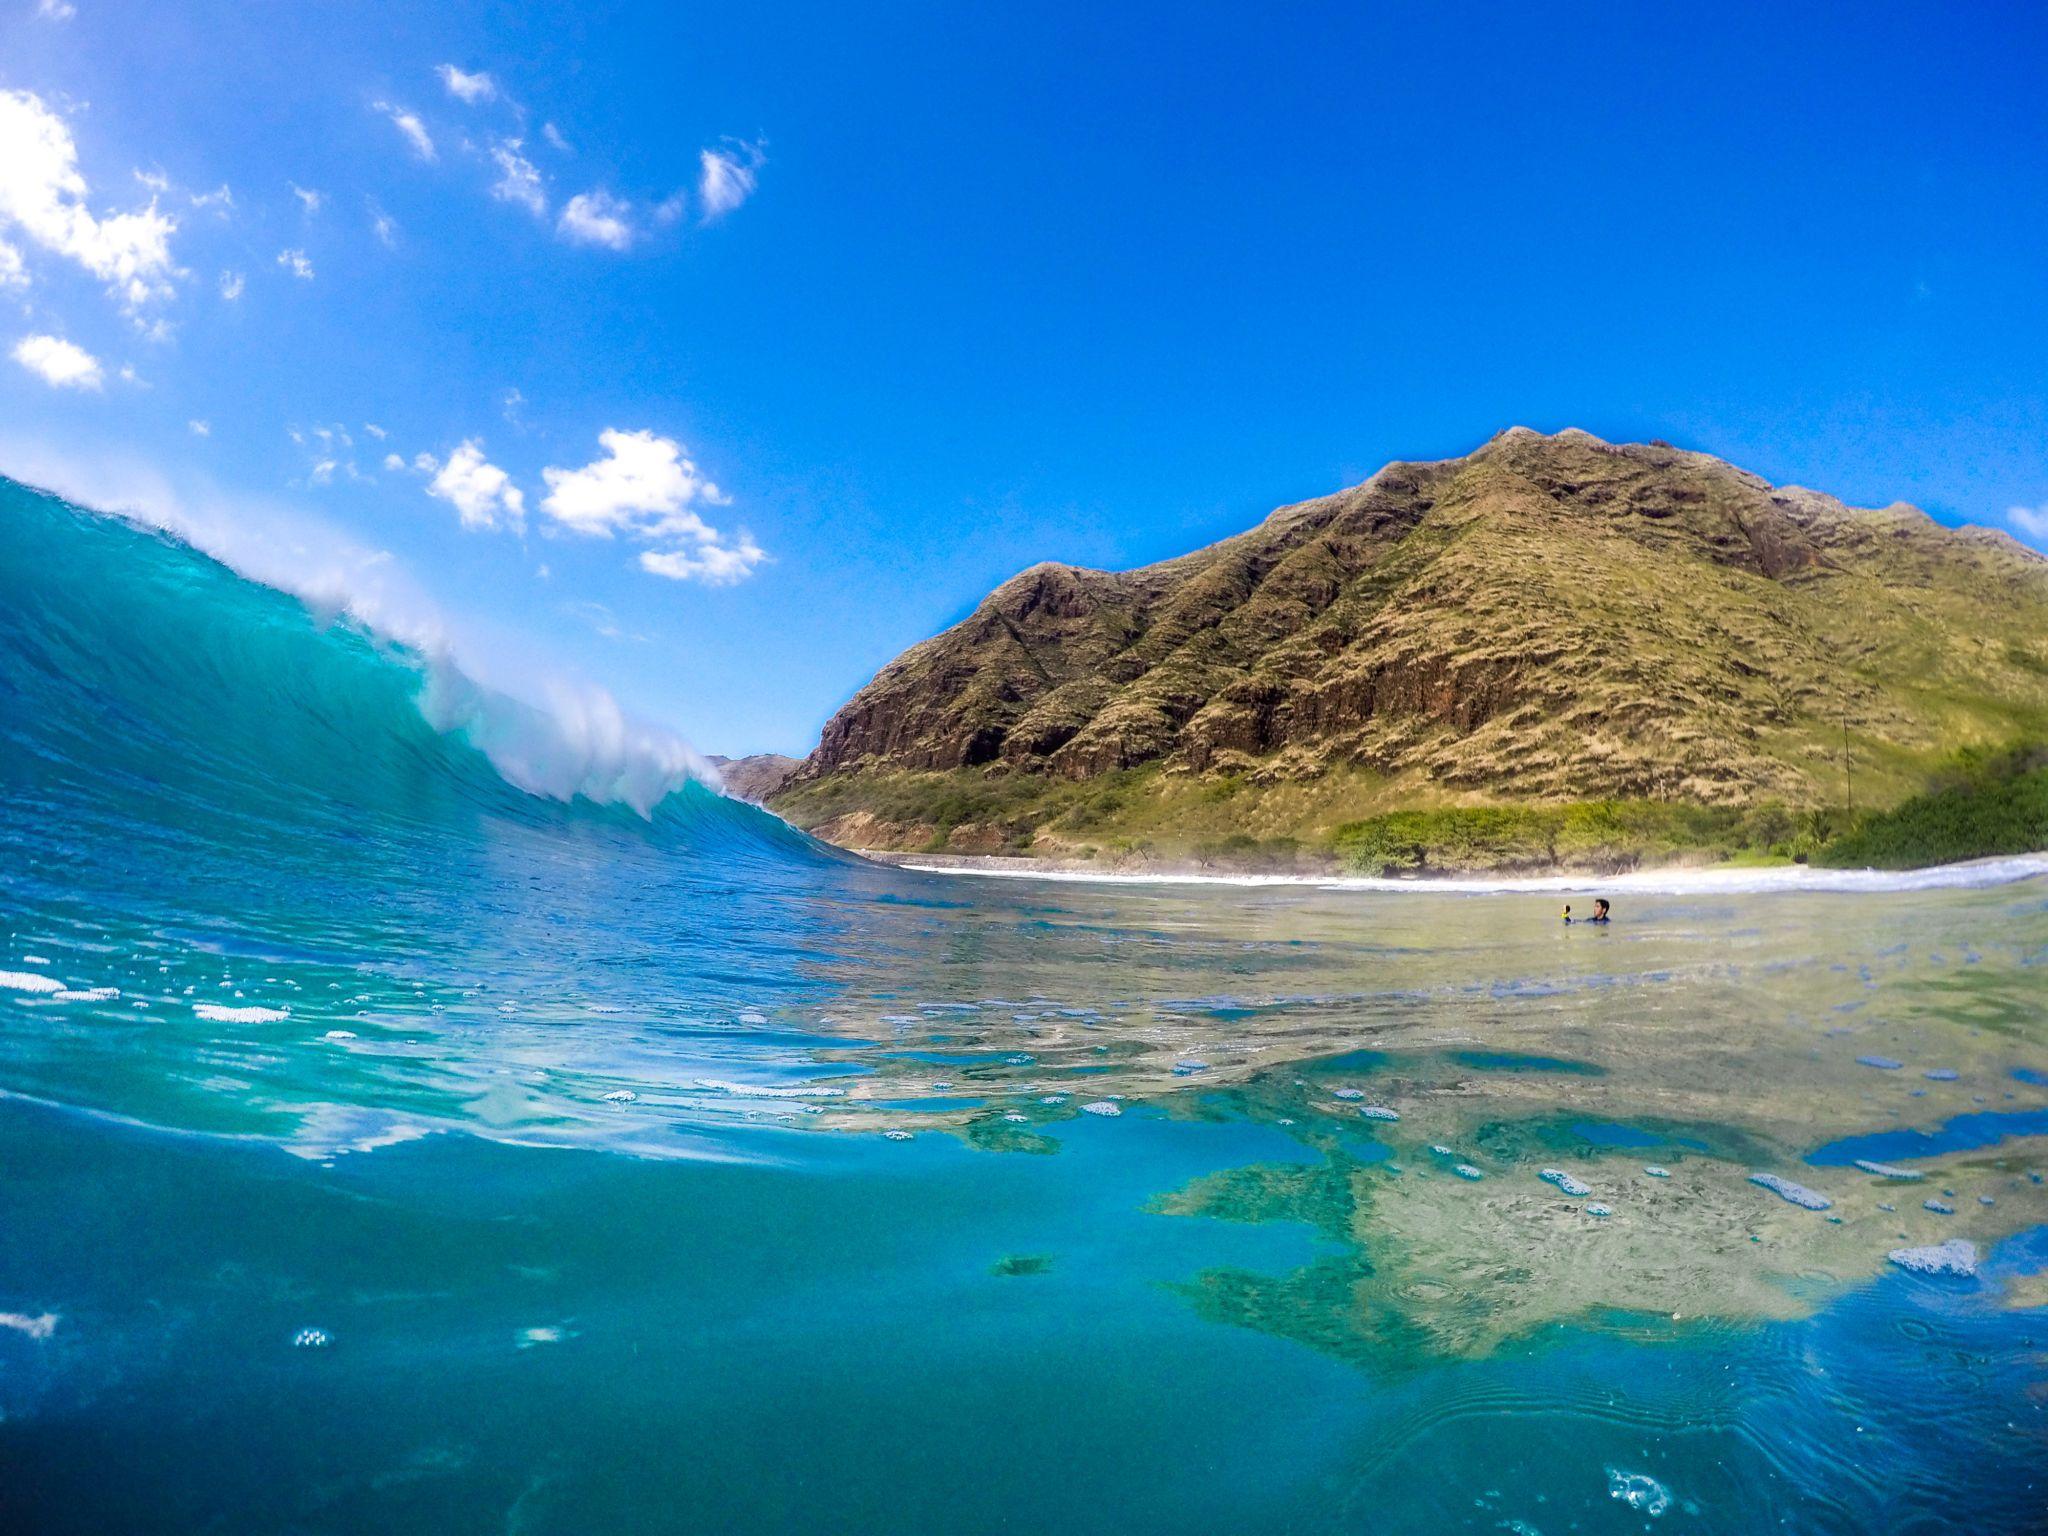 Makua Beach On Oahu Camping Secret Spots Hawaii Kauai 2017